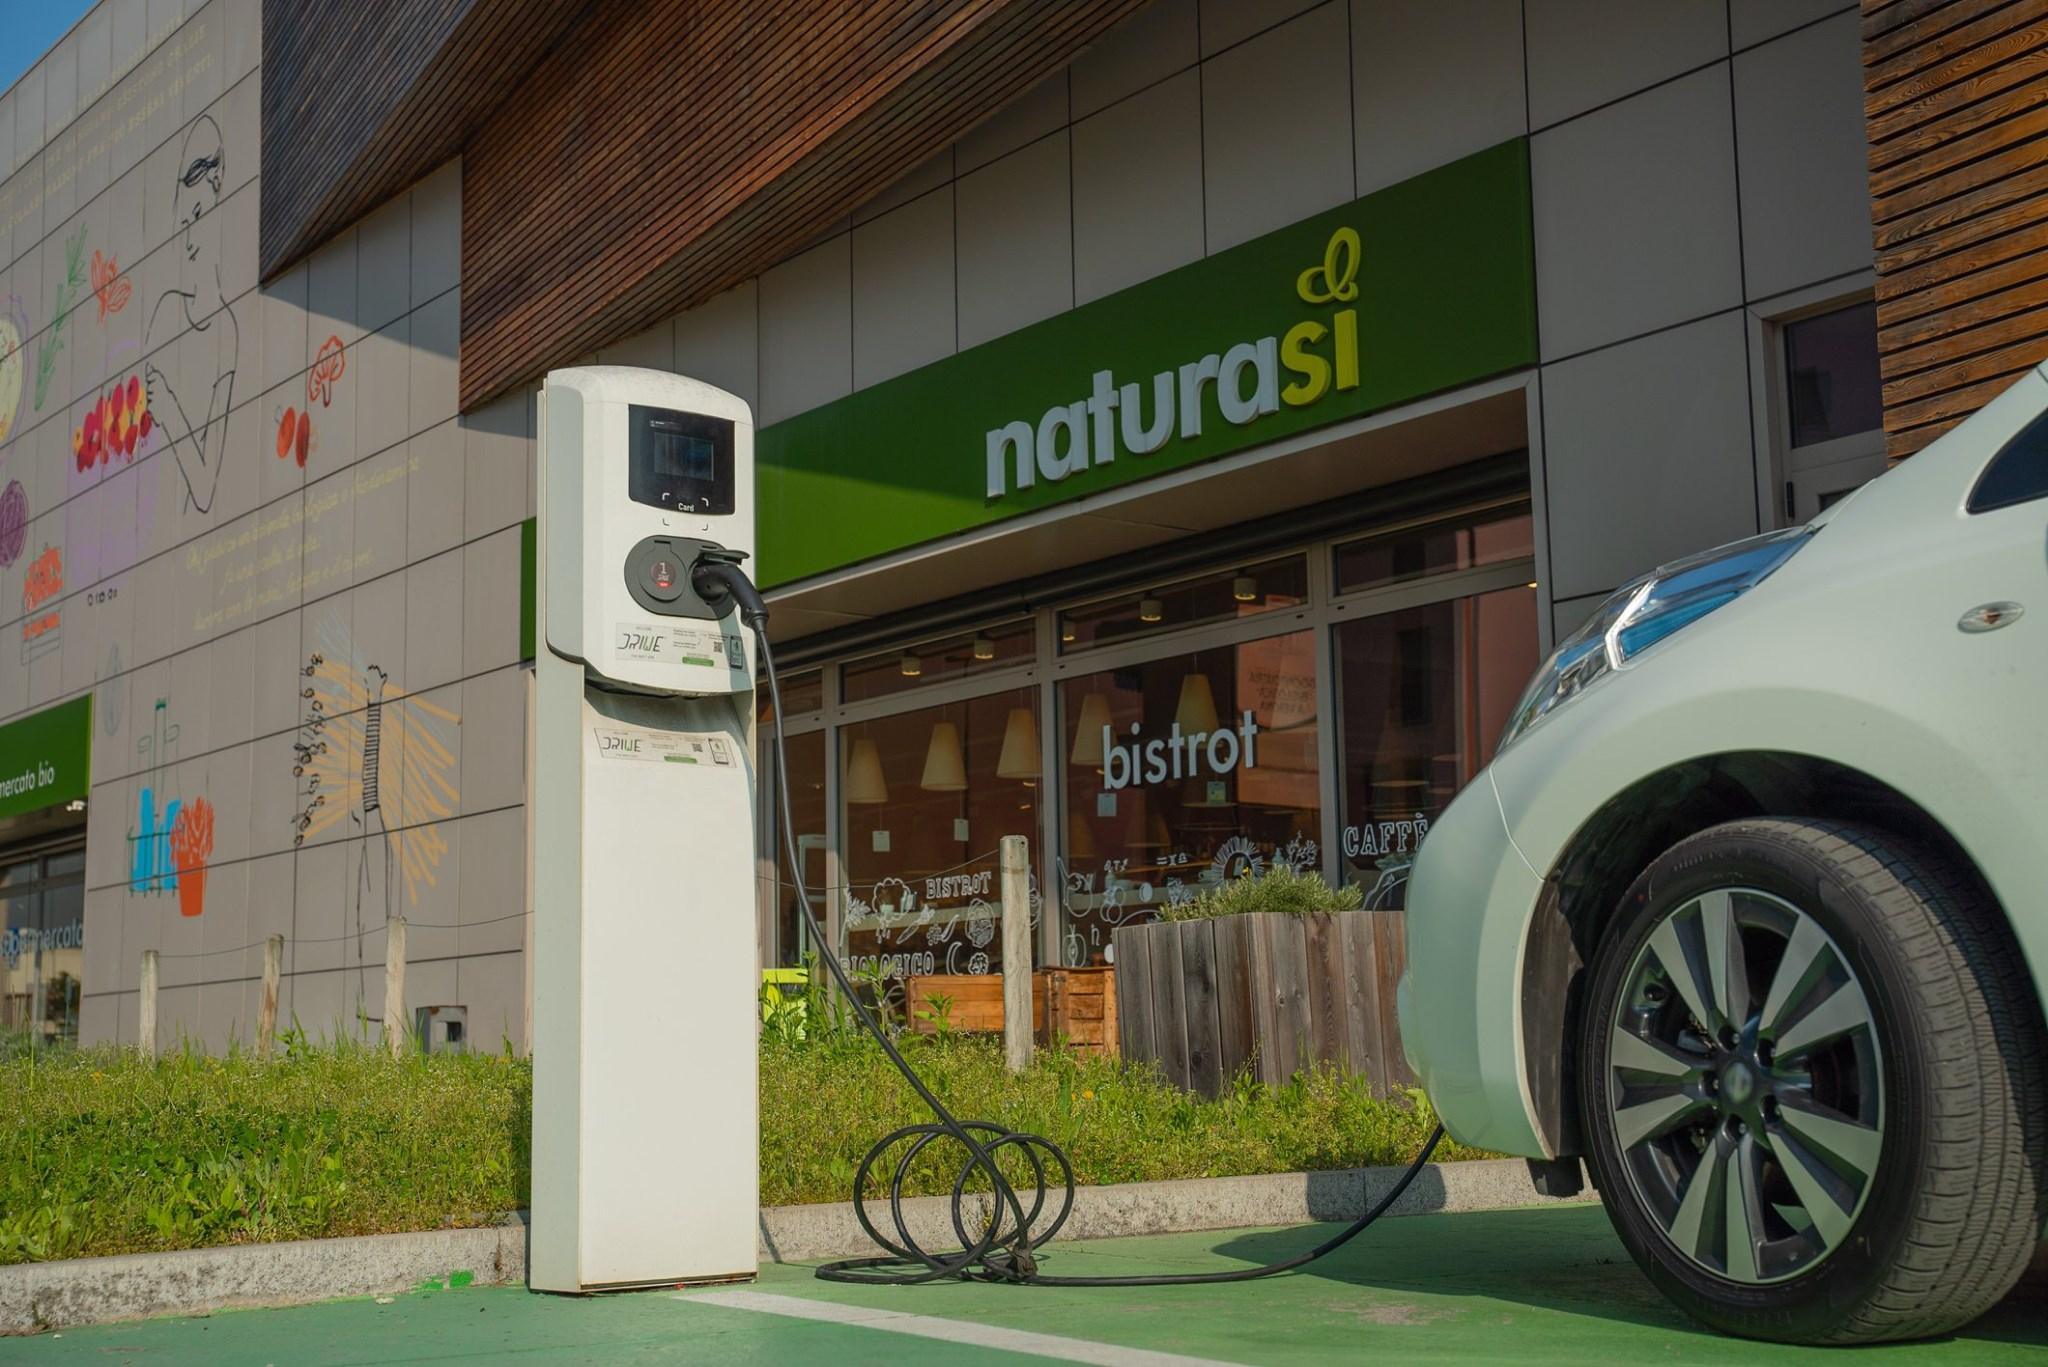 È on-line la campagna SìRicarica sulla piattaforma di crowdfunding Ecomill, il progetto nato dalla visione comune di DriWe, NaturaSì e Garage Italia. Con questo servizio SìRicarica vuole contribuire a realizzare l'infrastruttura…